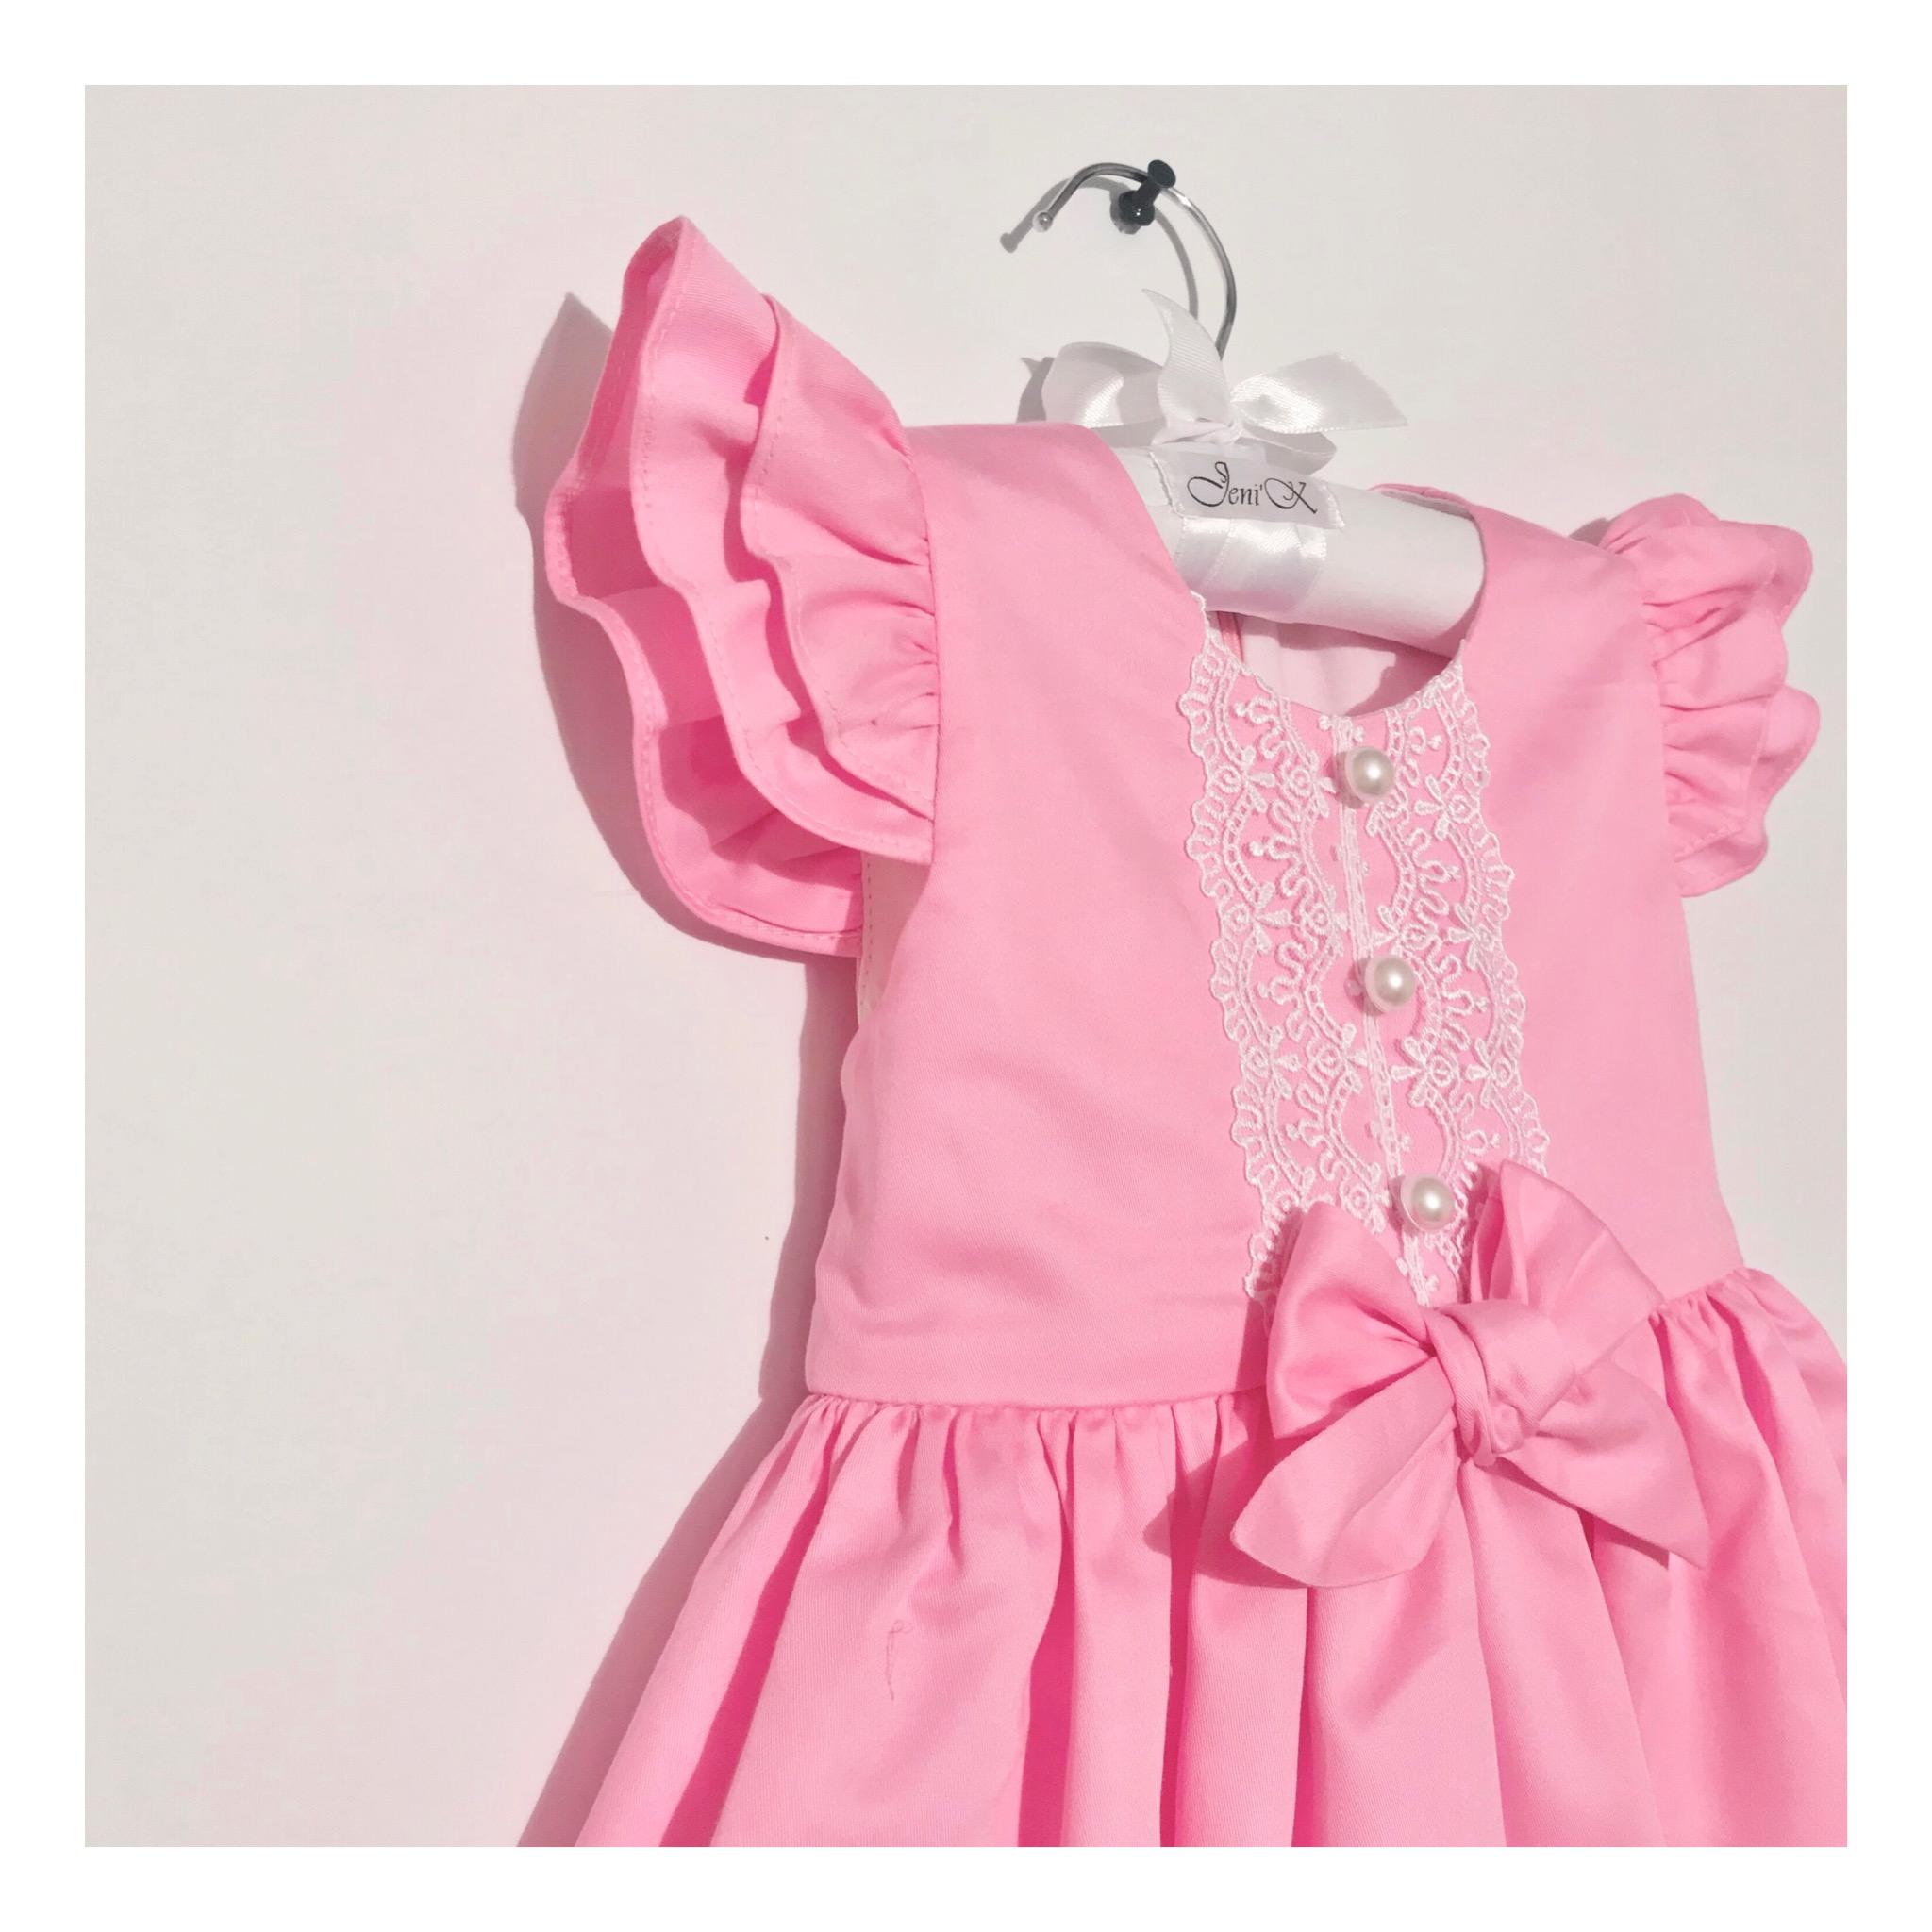 Фото Пошив детских платьев и школьной формы  1